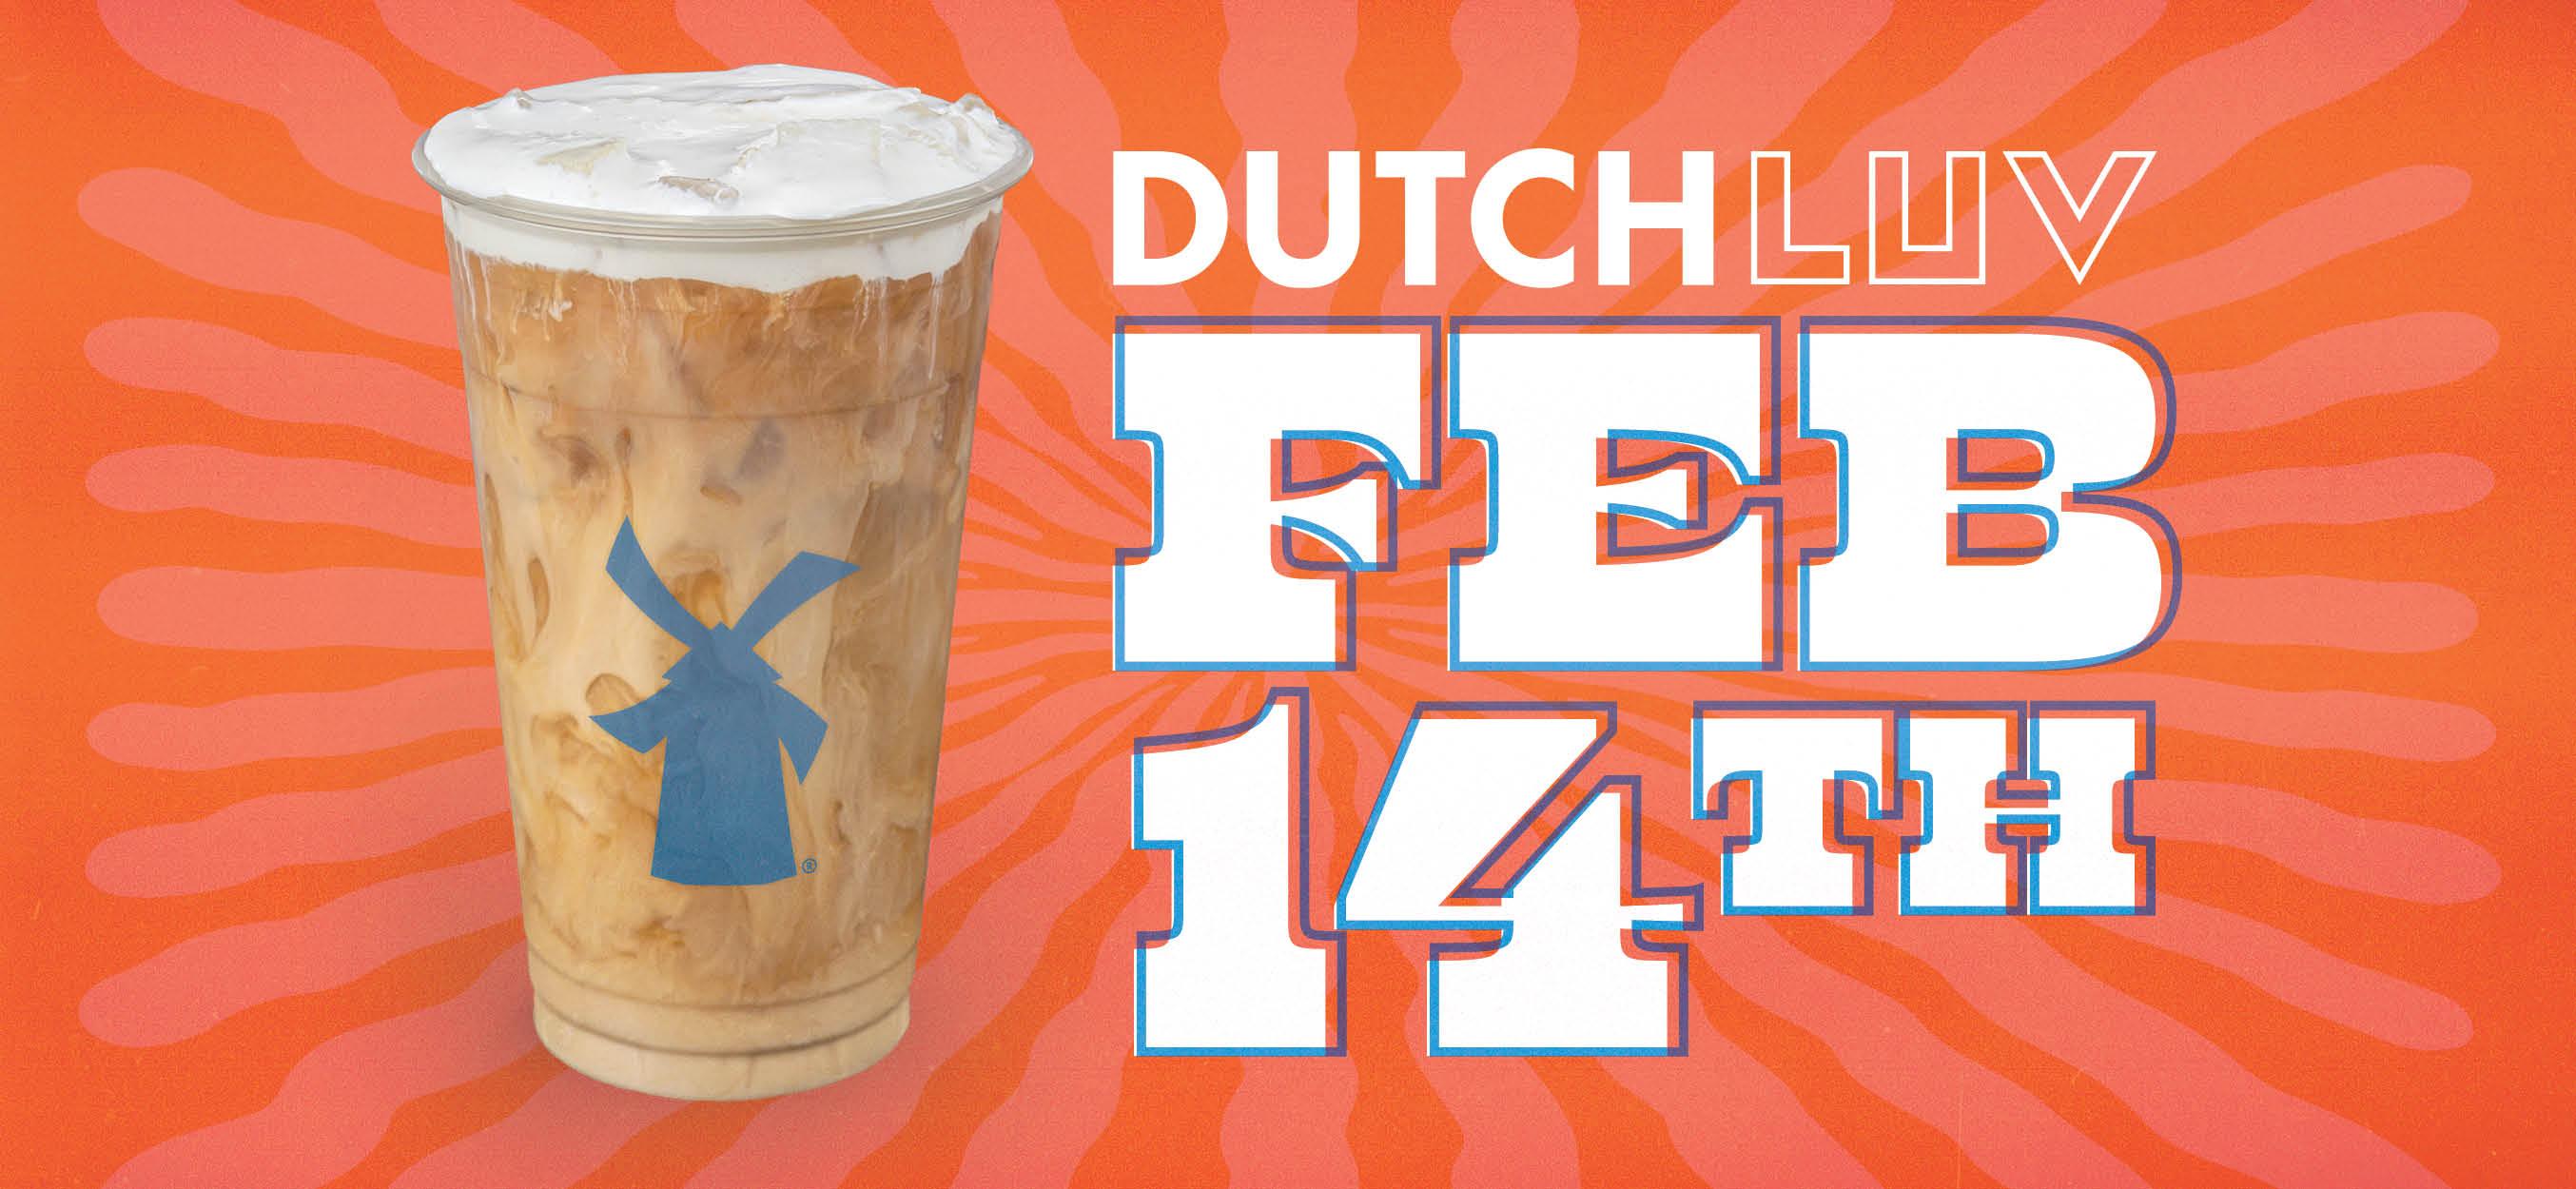 Dutch Luv Feb 14th